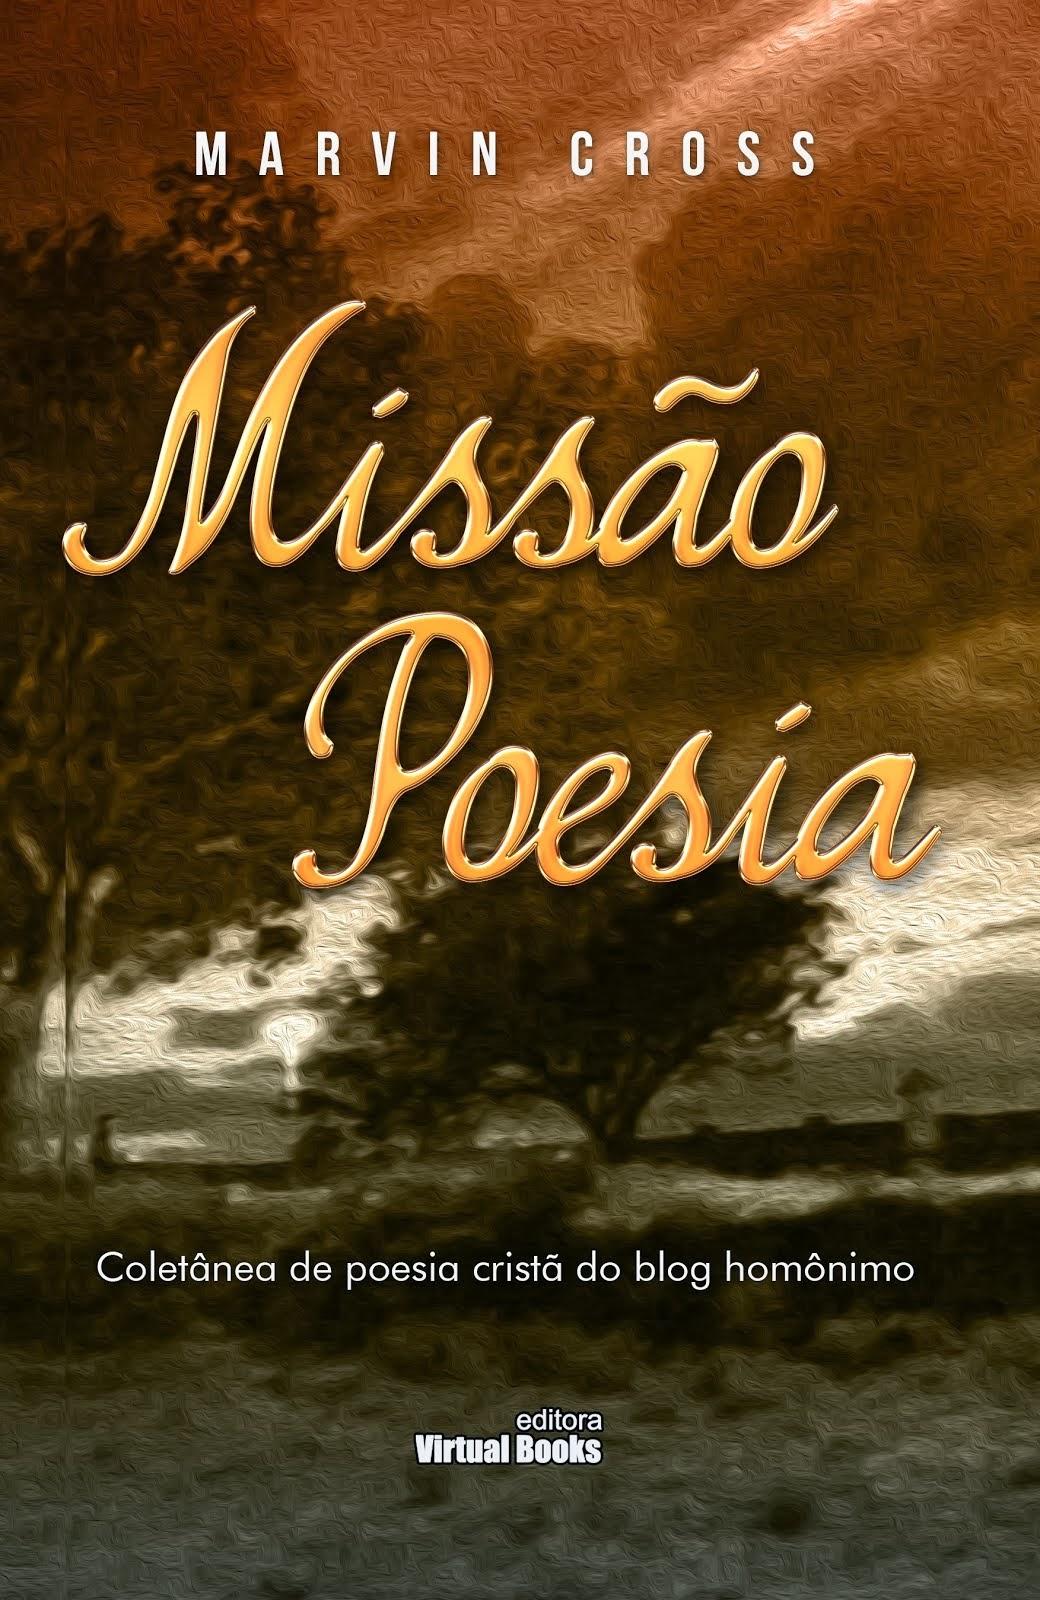 """COMPRE JÁ O SEU EXEMPLAR DO LIVRO """"MISSÃO POESIA"""""""